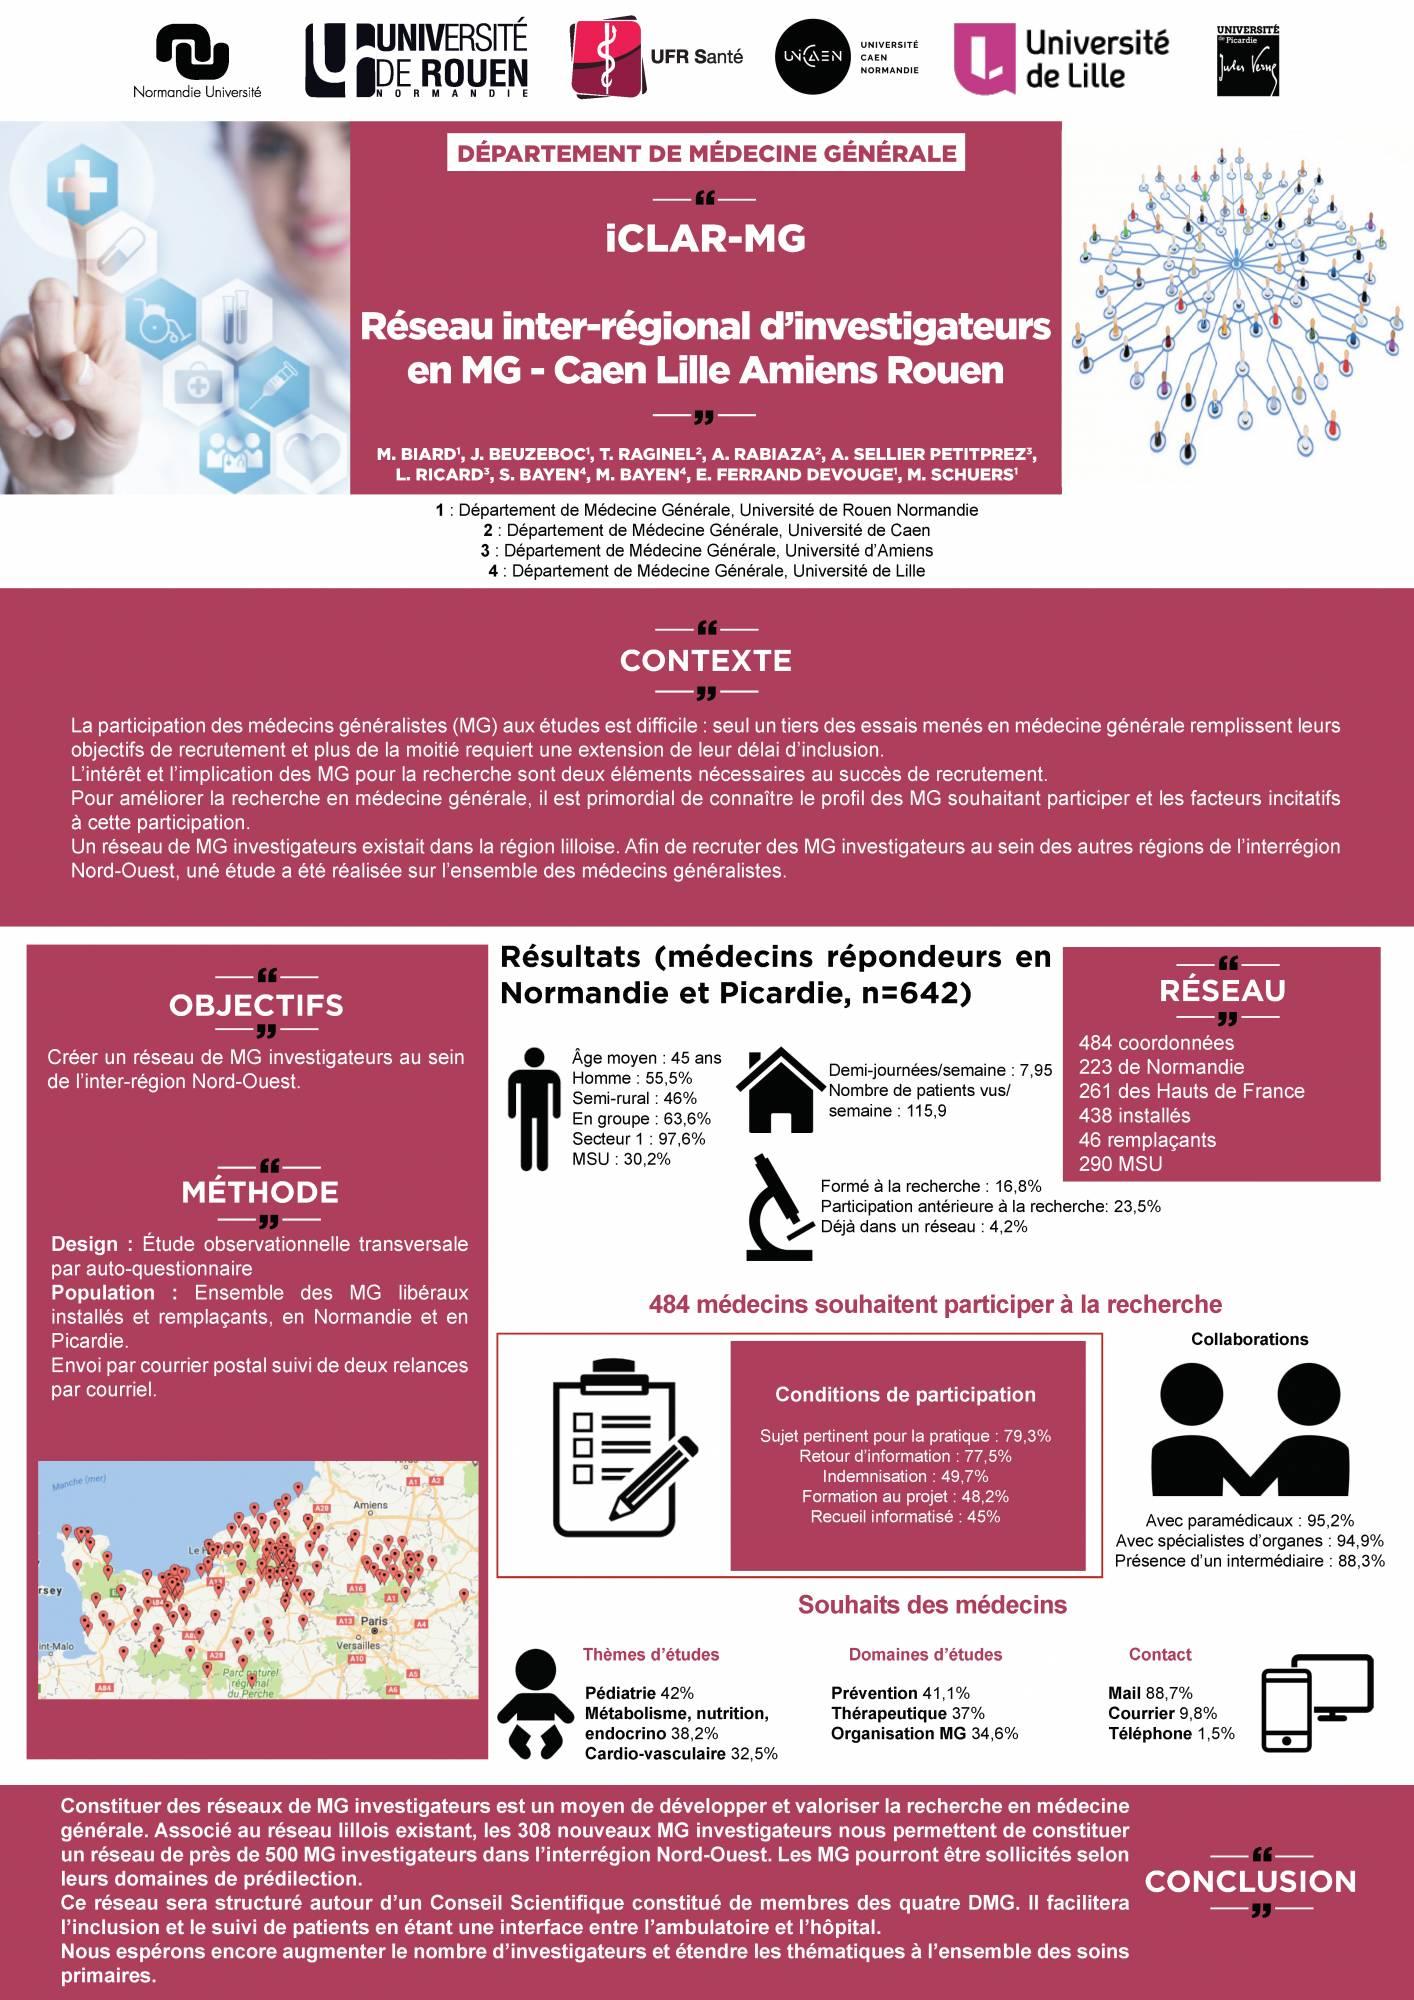 Biard M et Al. iCLAR-MG Réseau inter-régional d'investigateurs en MG - Caen Lille Amiens Rouen. Poster présenté au : CMGF 2017. 11ème Congrès de Médecine Générale France. 30 Mars 2017; Paris, France.